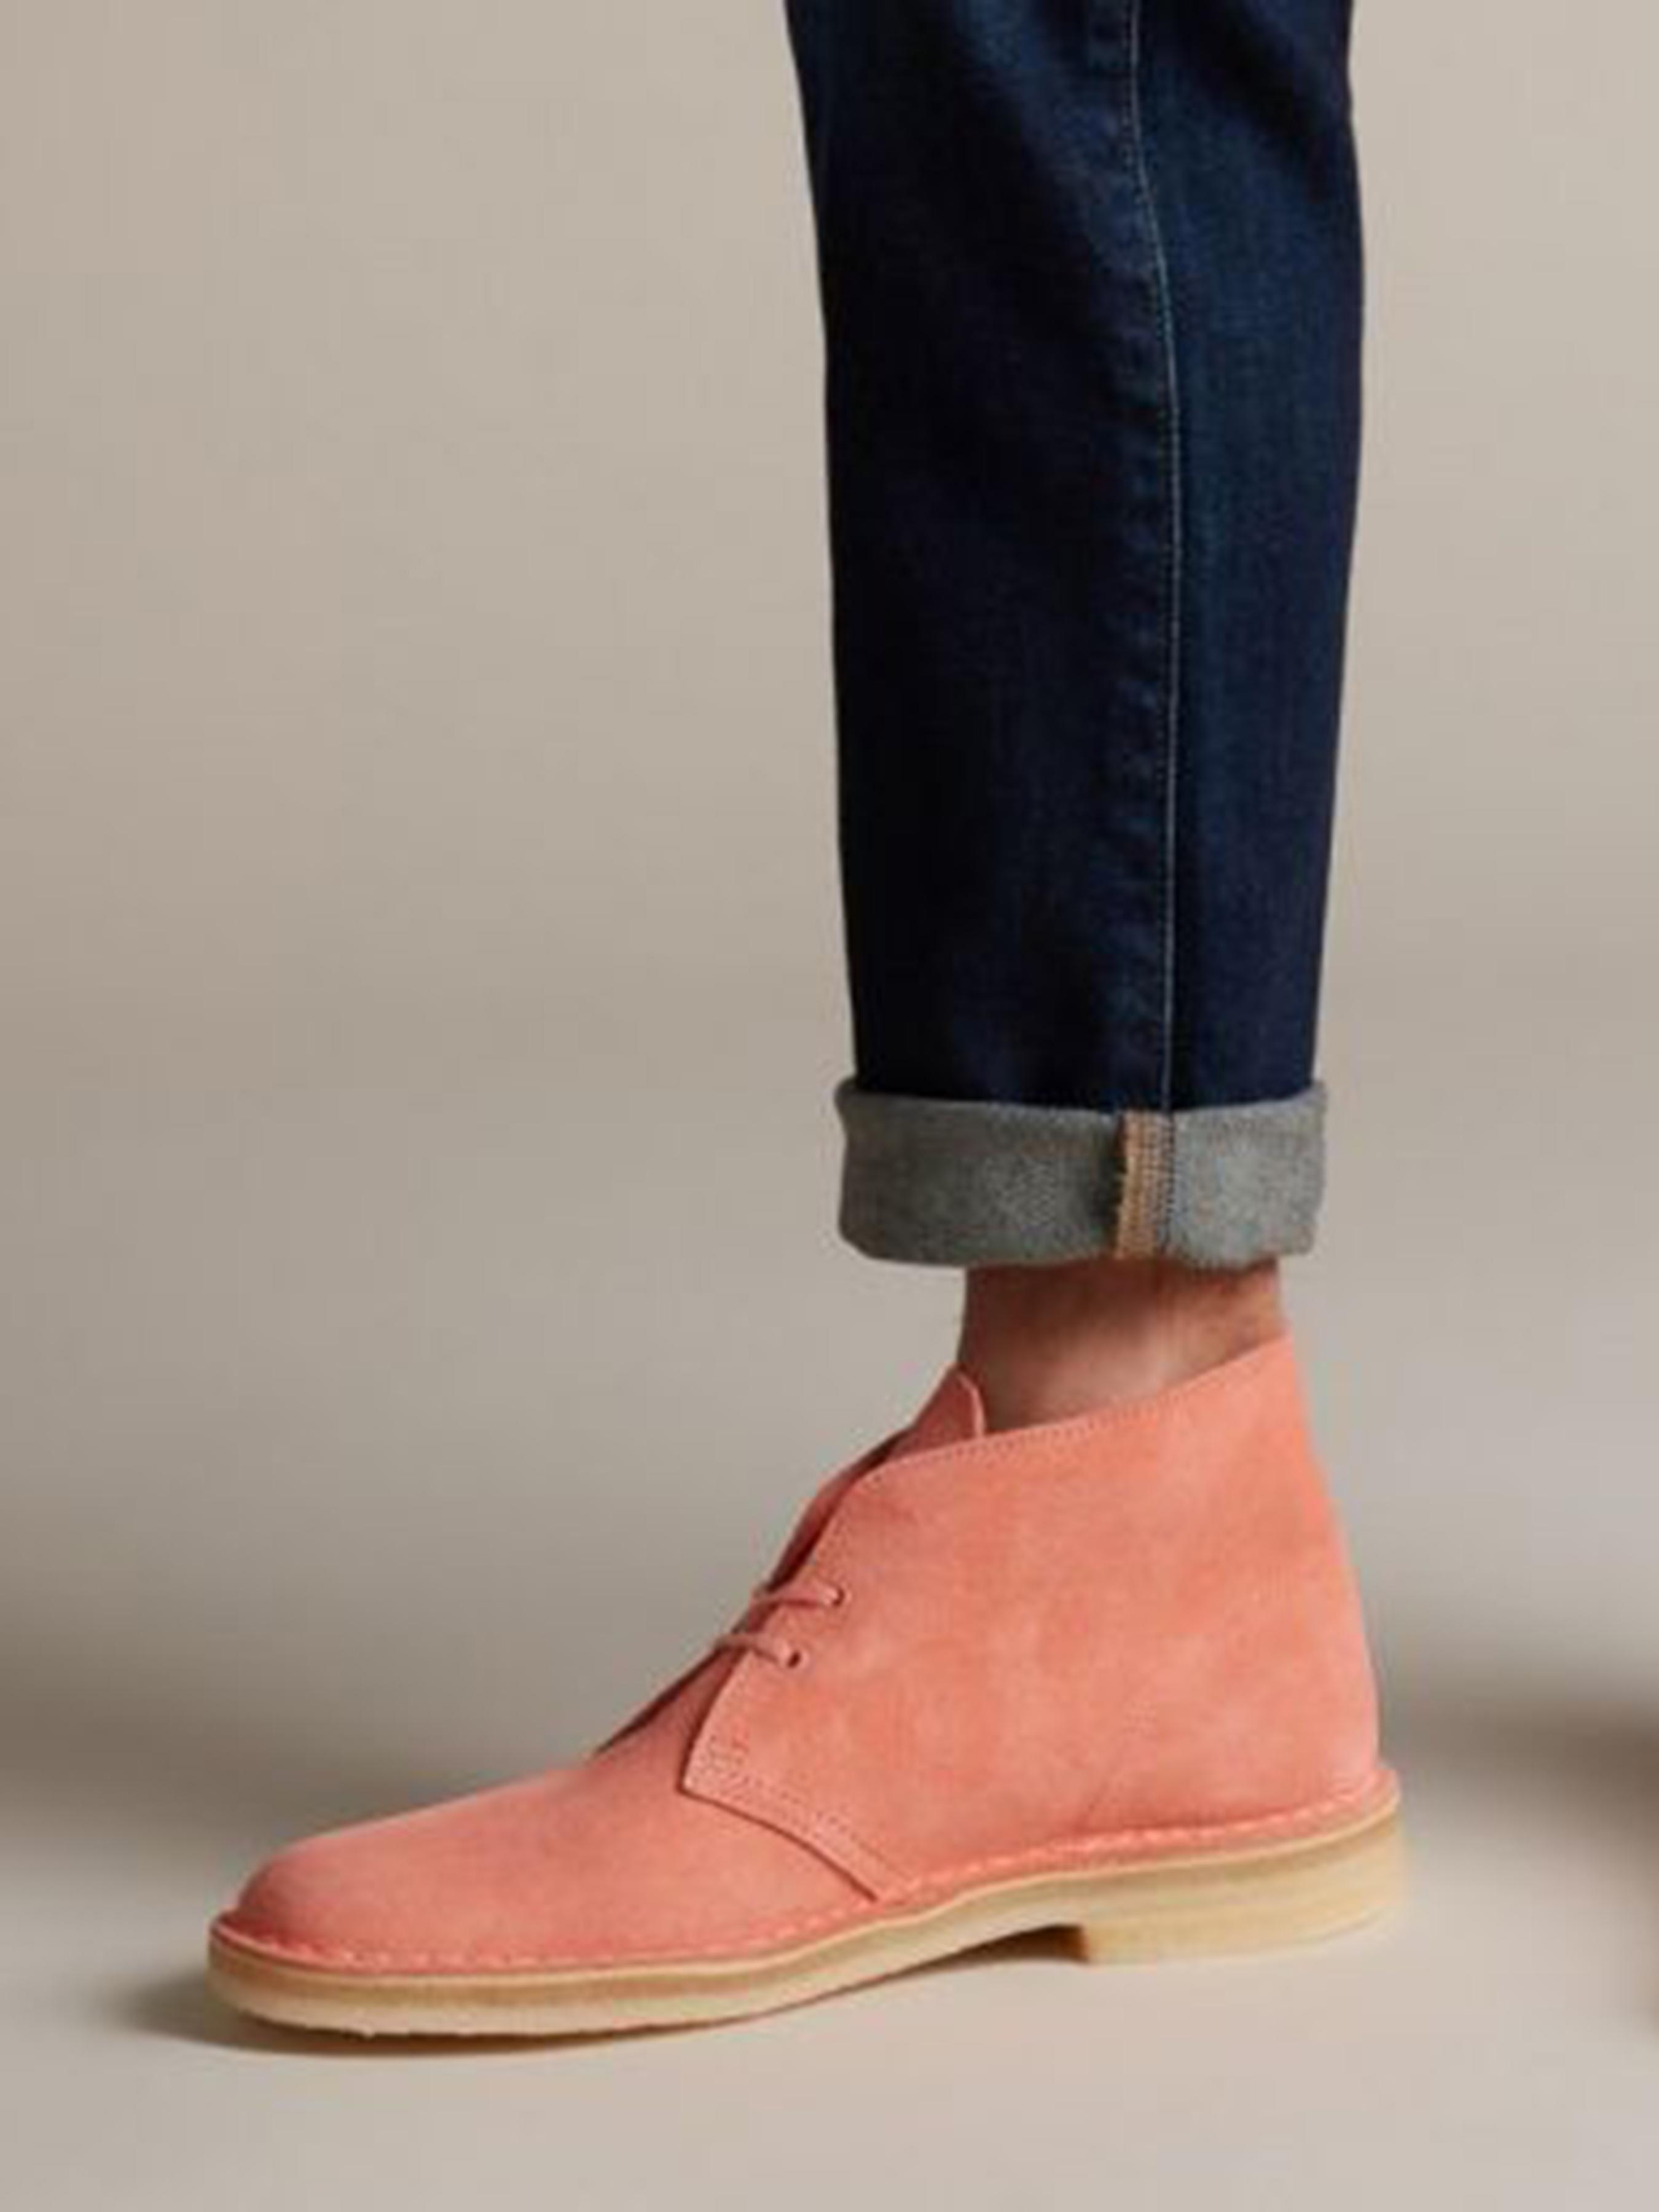 Ботинки для женщин Clarks Desert Boot. OW4391 продажа, 2017